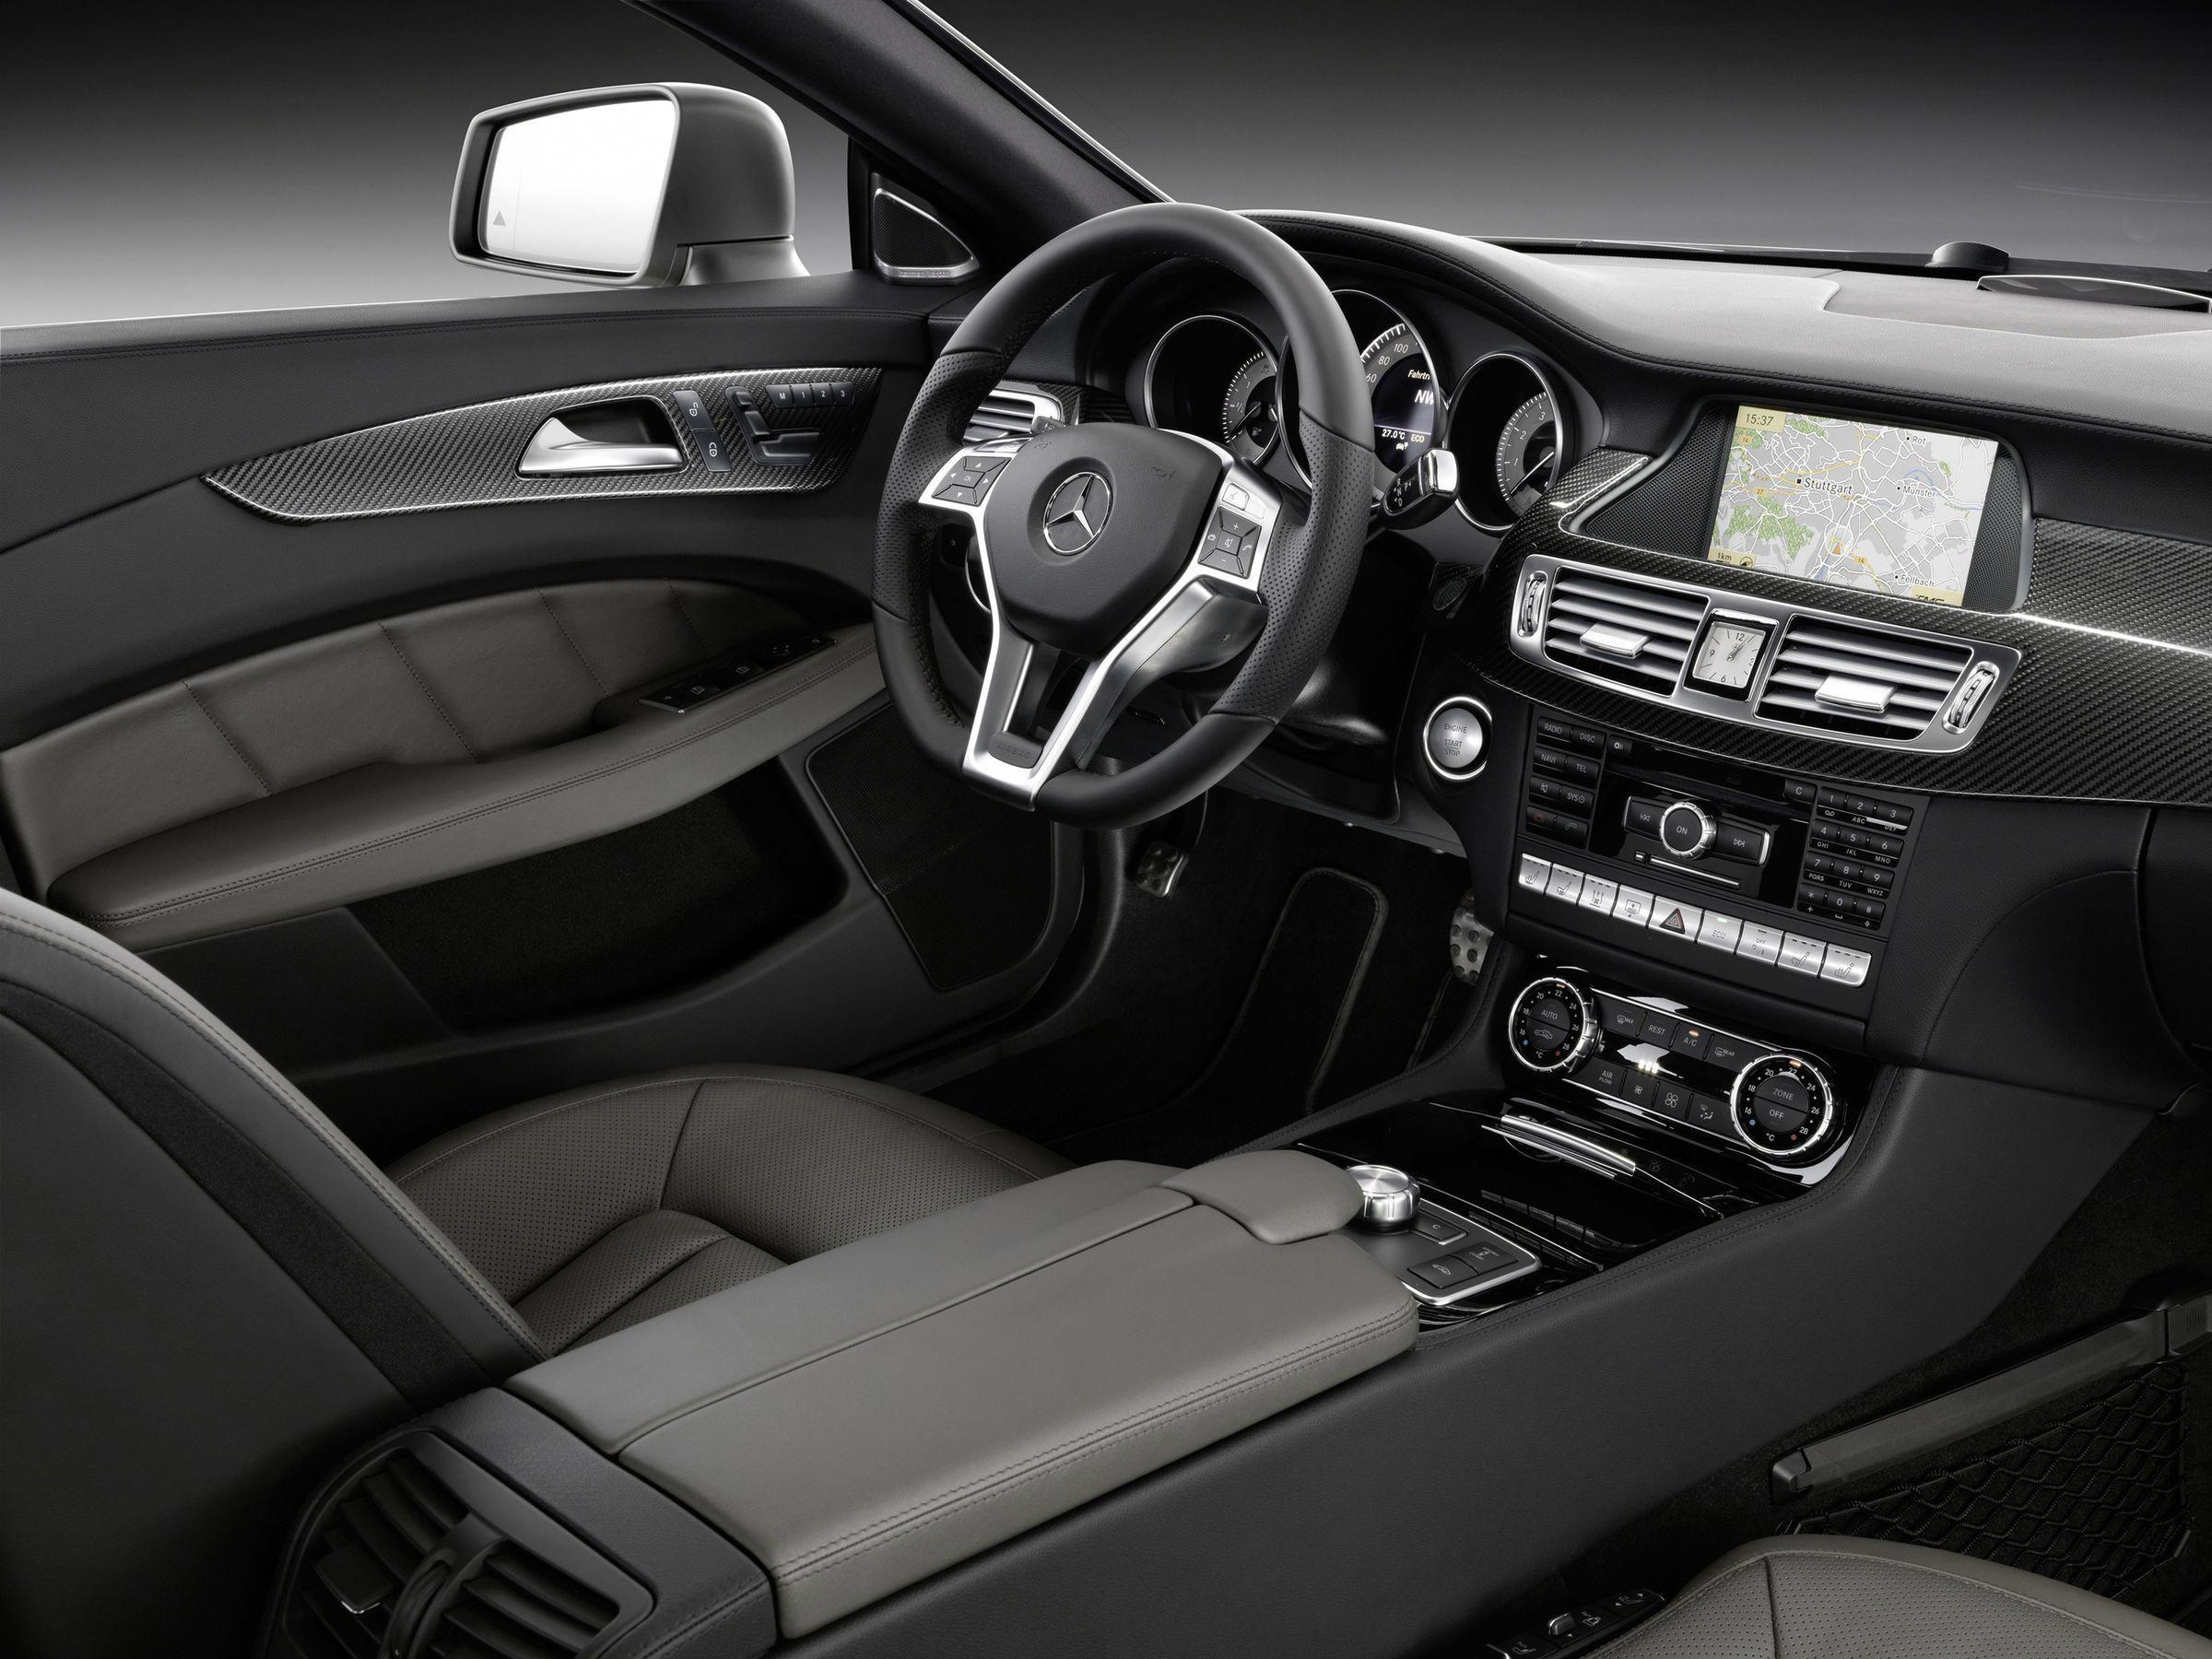 interior of mercedes benz s class interiorfrontdoorcolors rh pinterest com  mercedes benz a interior 2018